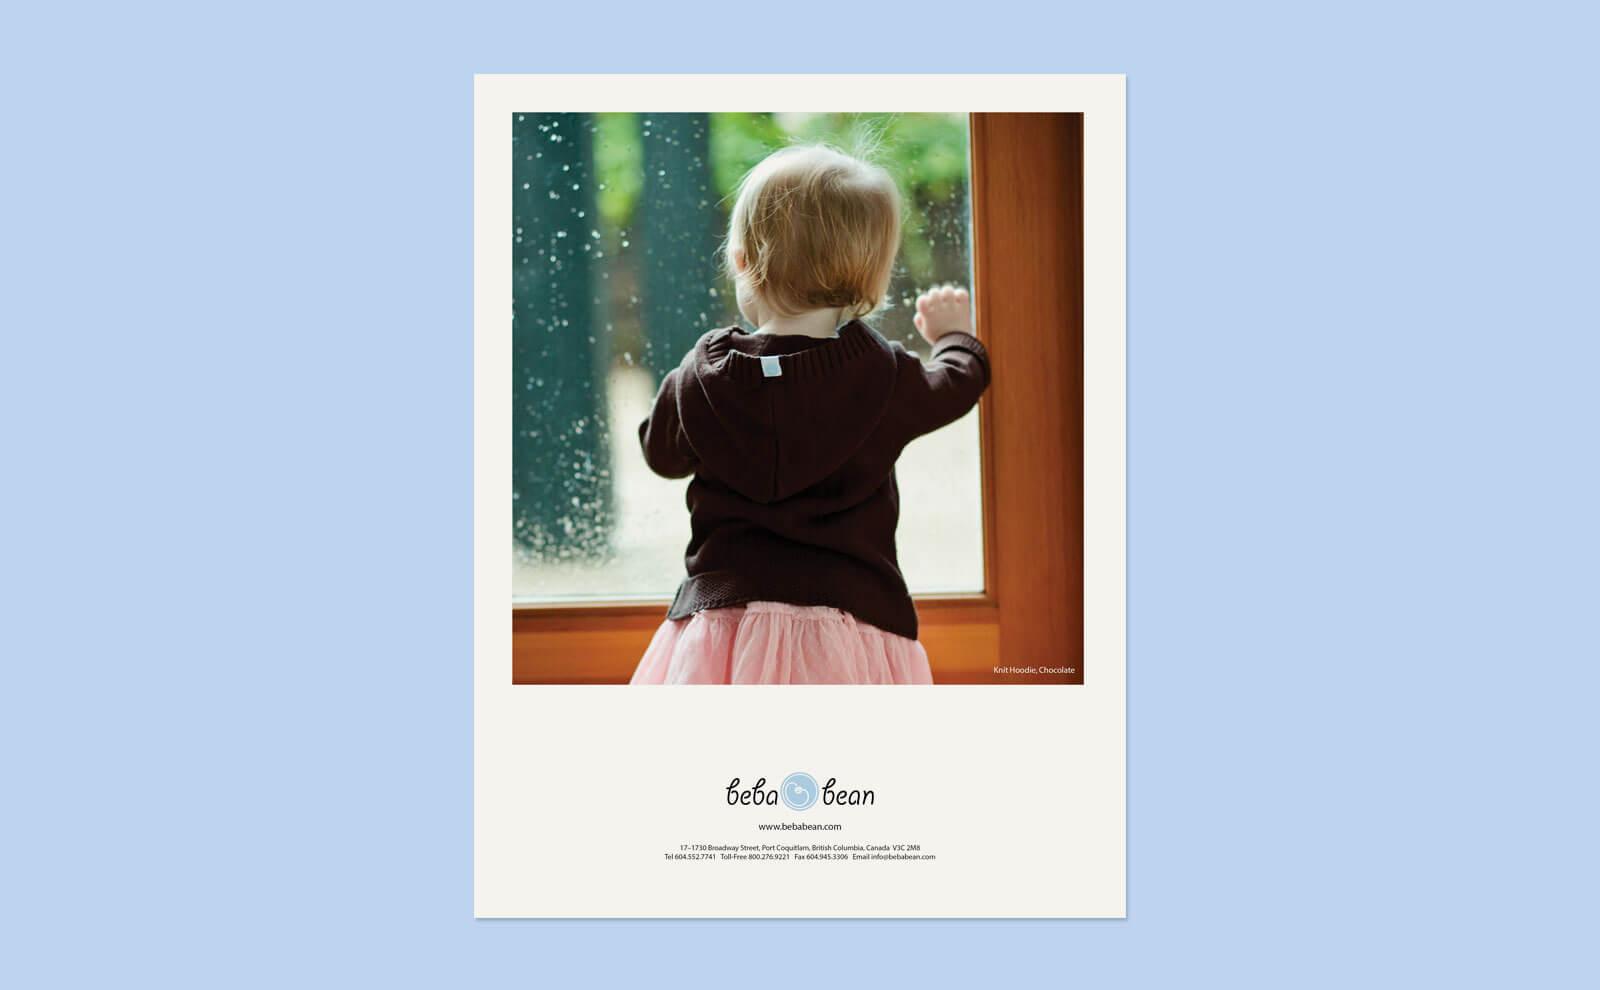 Beba Bean Catalogue Cover 2